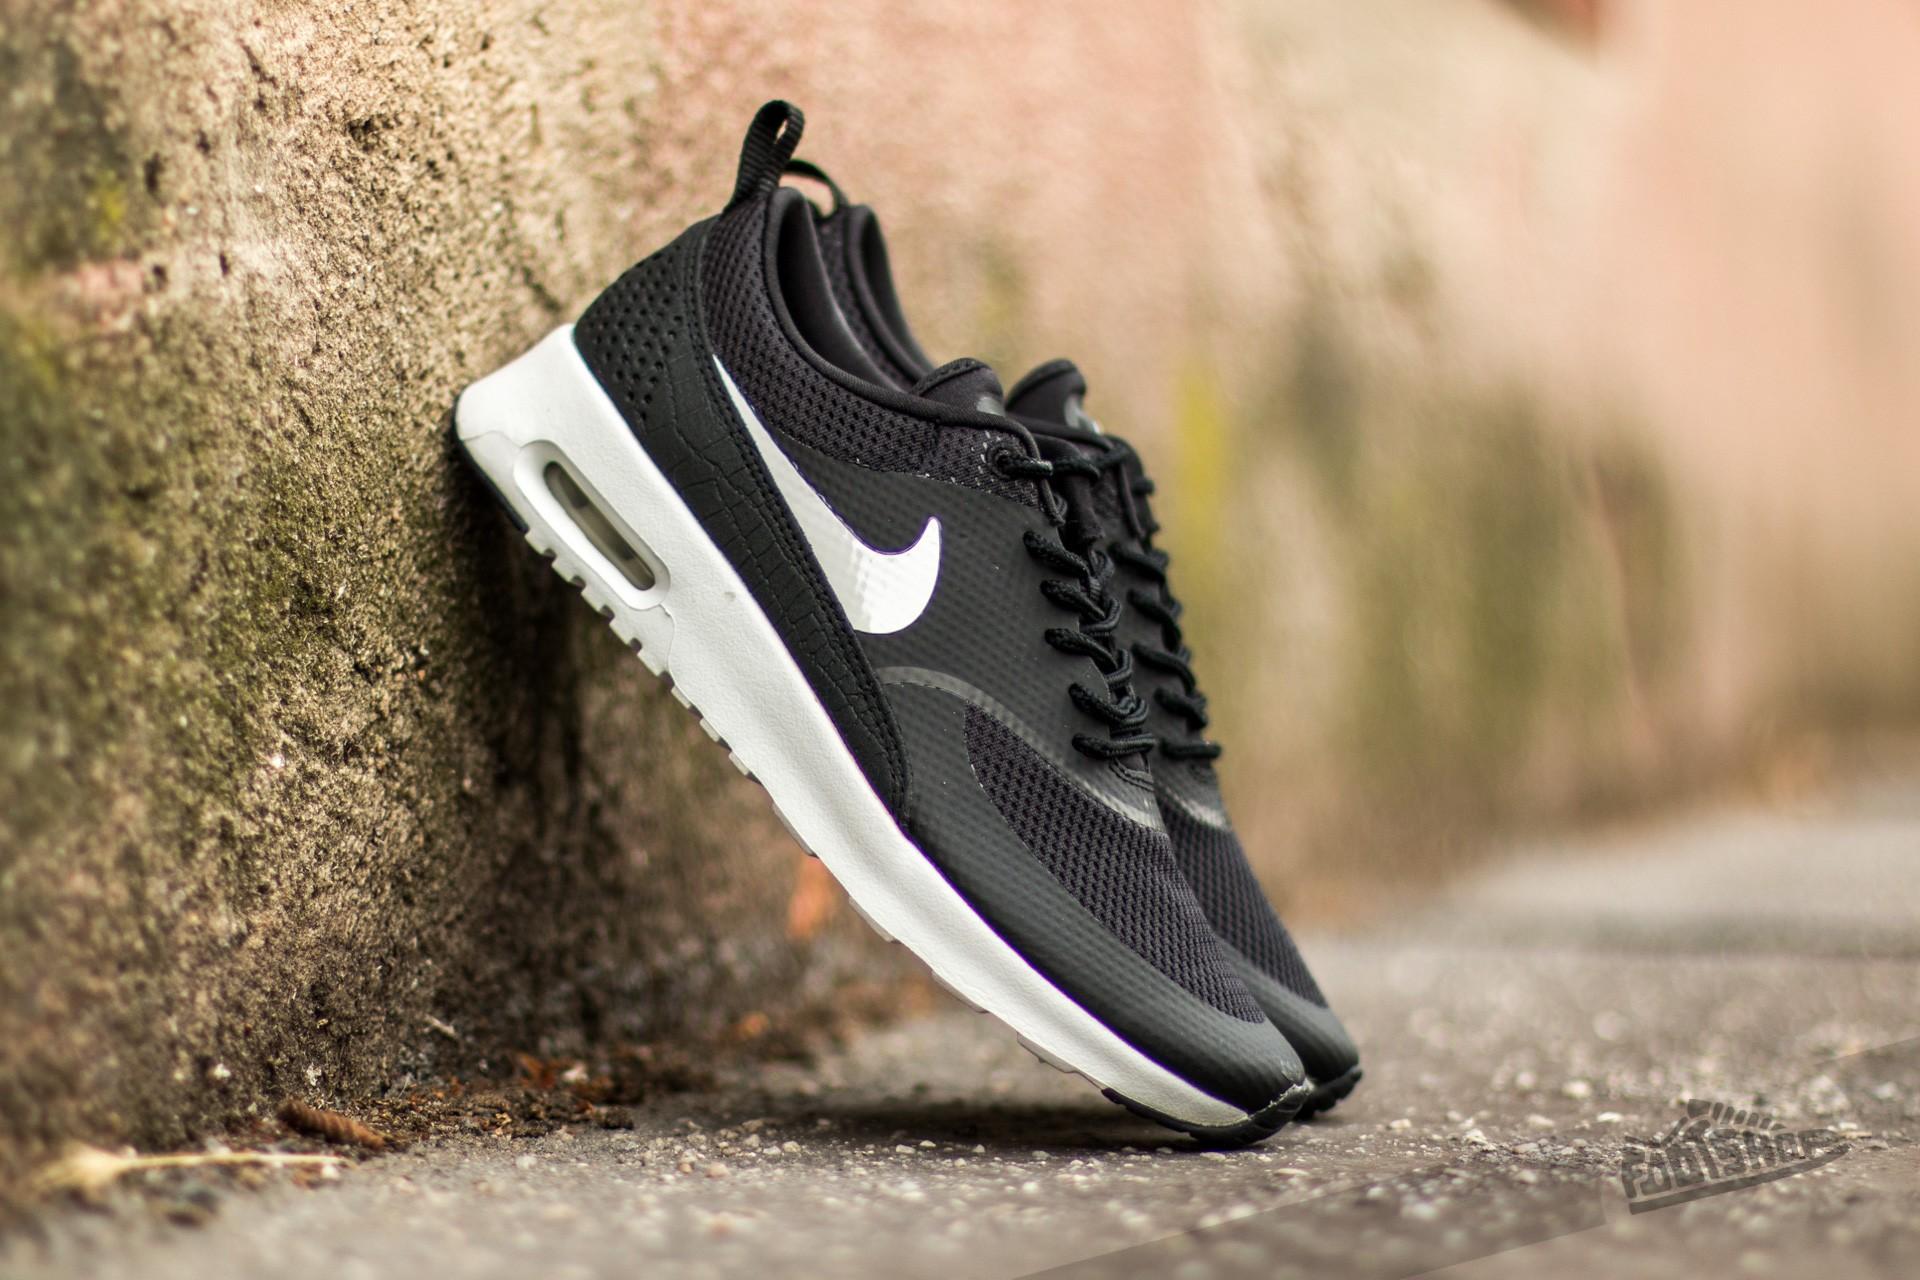 Nike Wmns Air Max Thea Black Summit White | Footshop